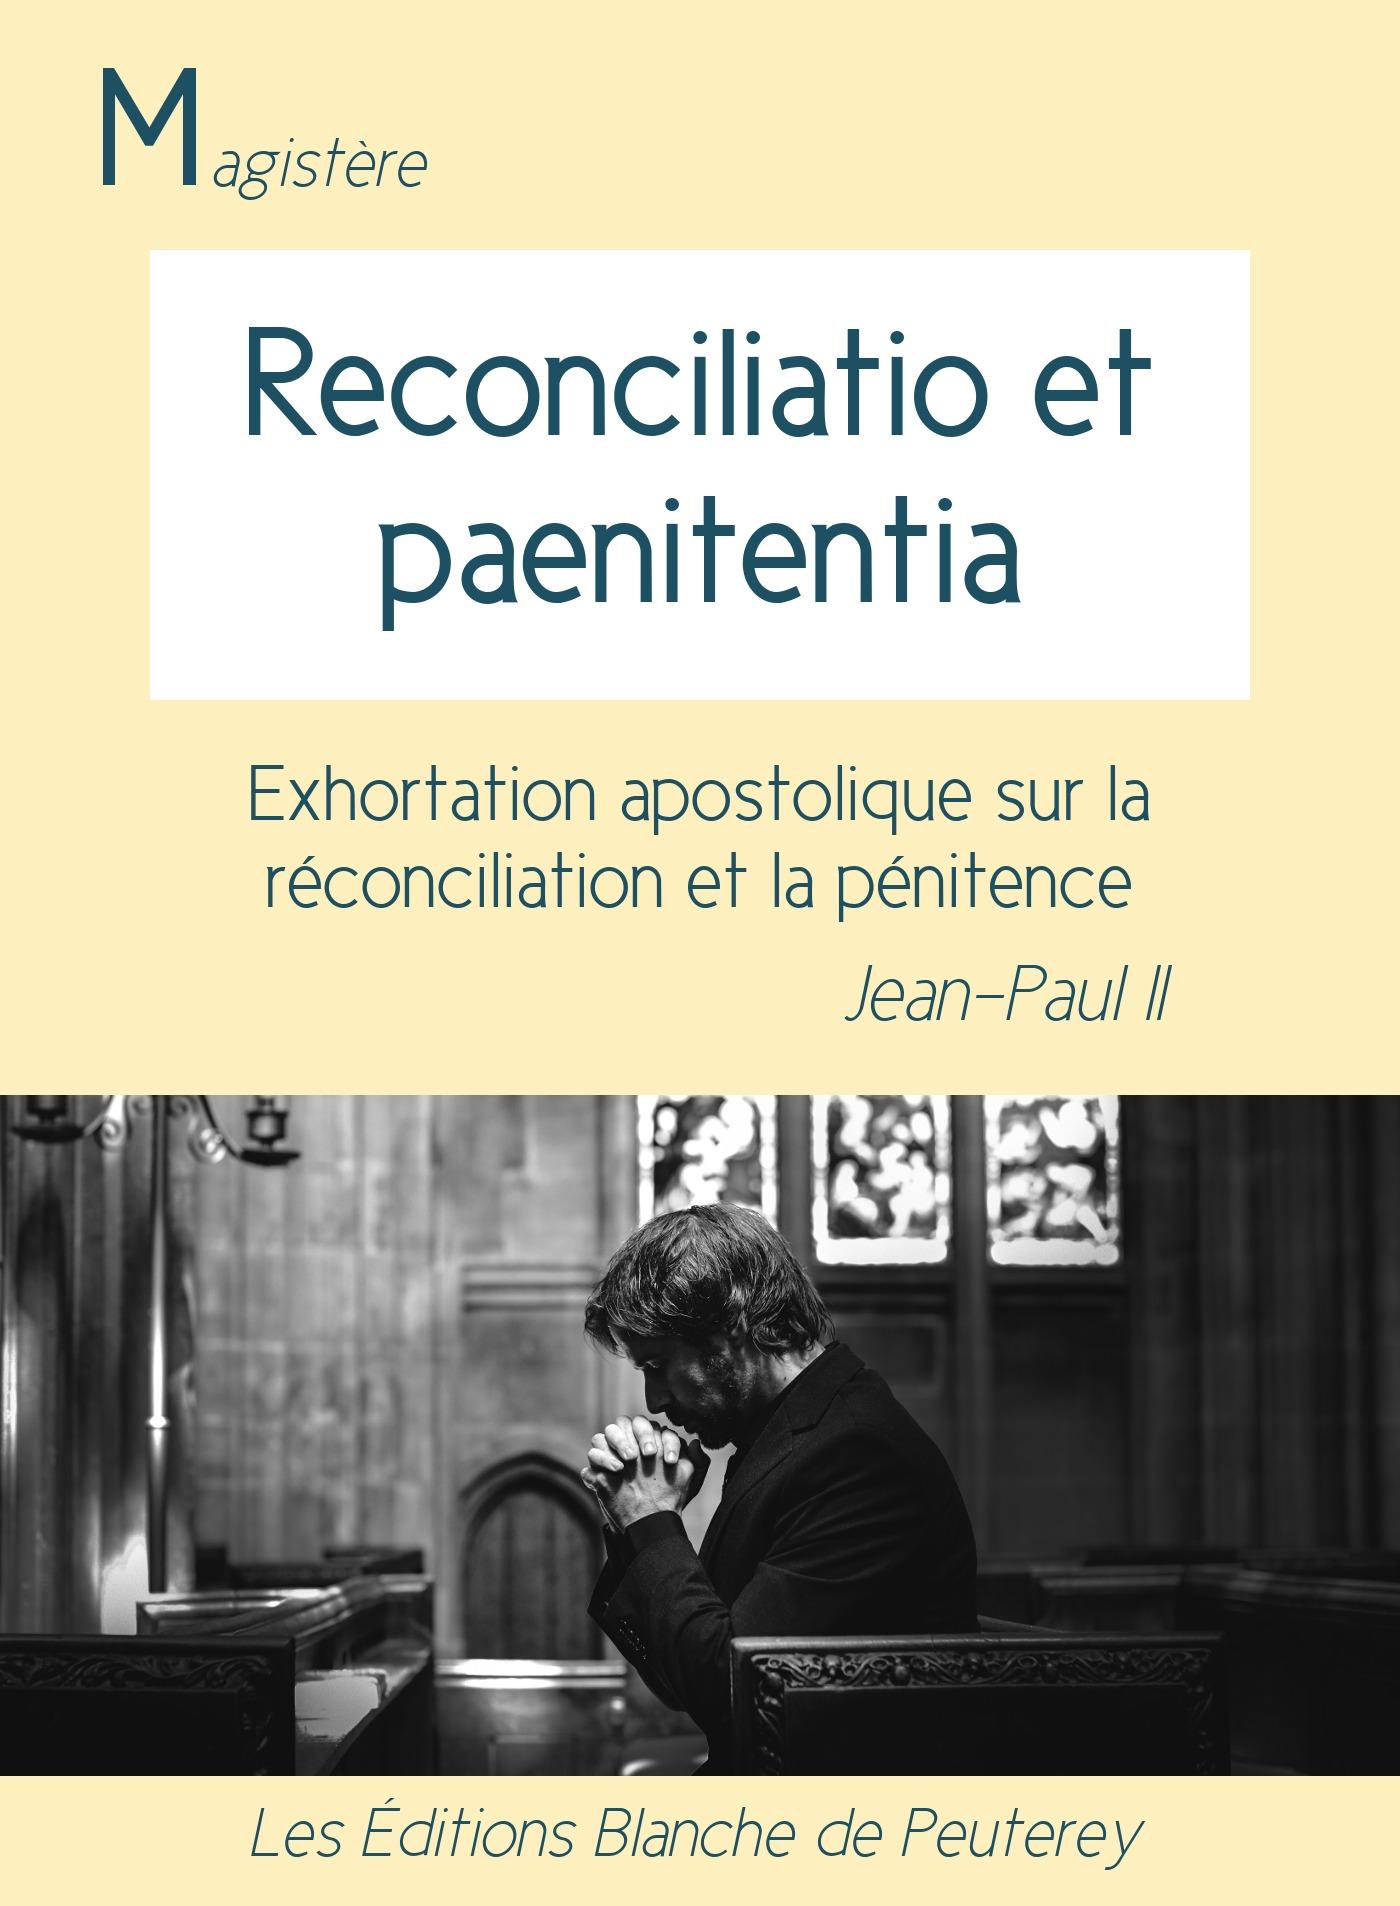 Reconciliatio et penitentia, EXHORTATION APOSTOLIQUE SUR LE RÉCONCILIATION ET LA PÉNITENCE